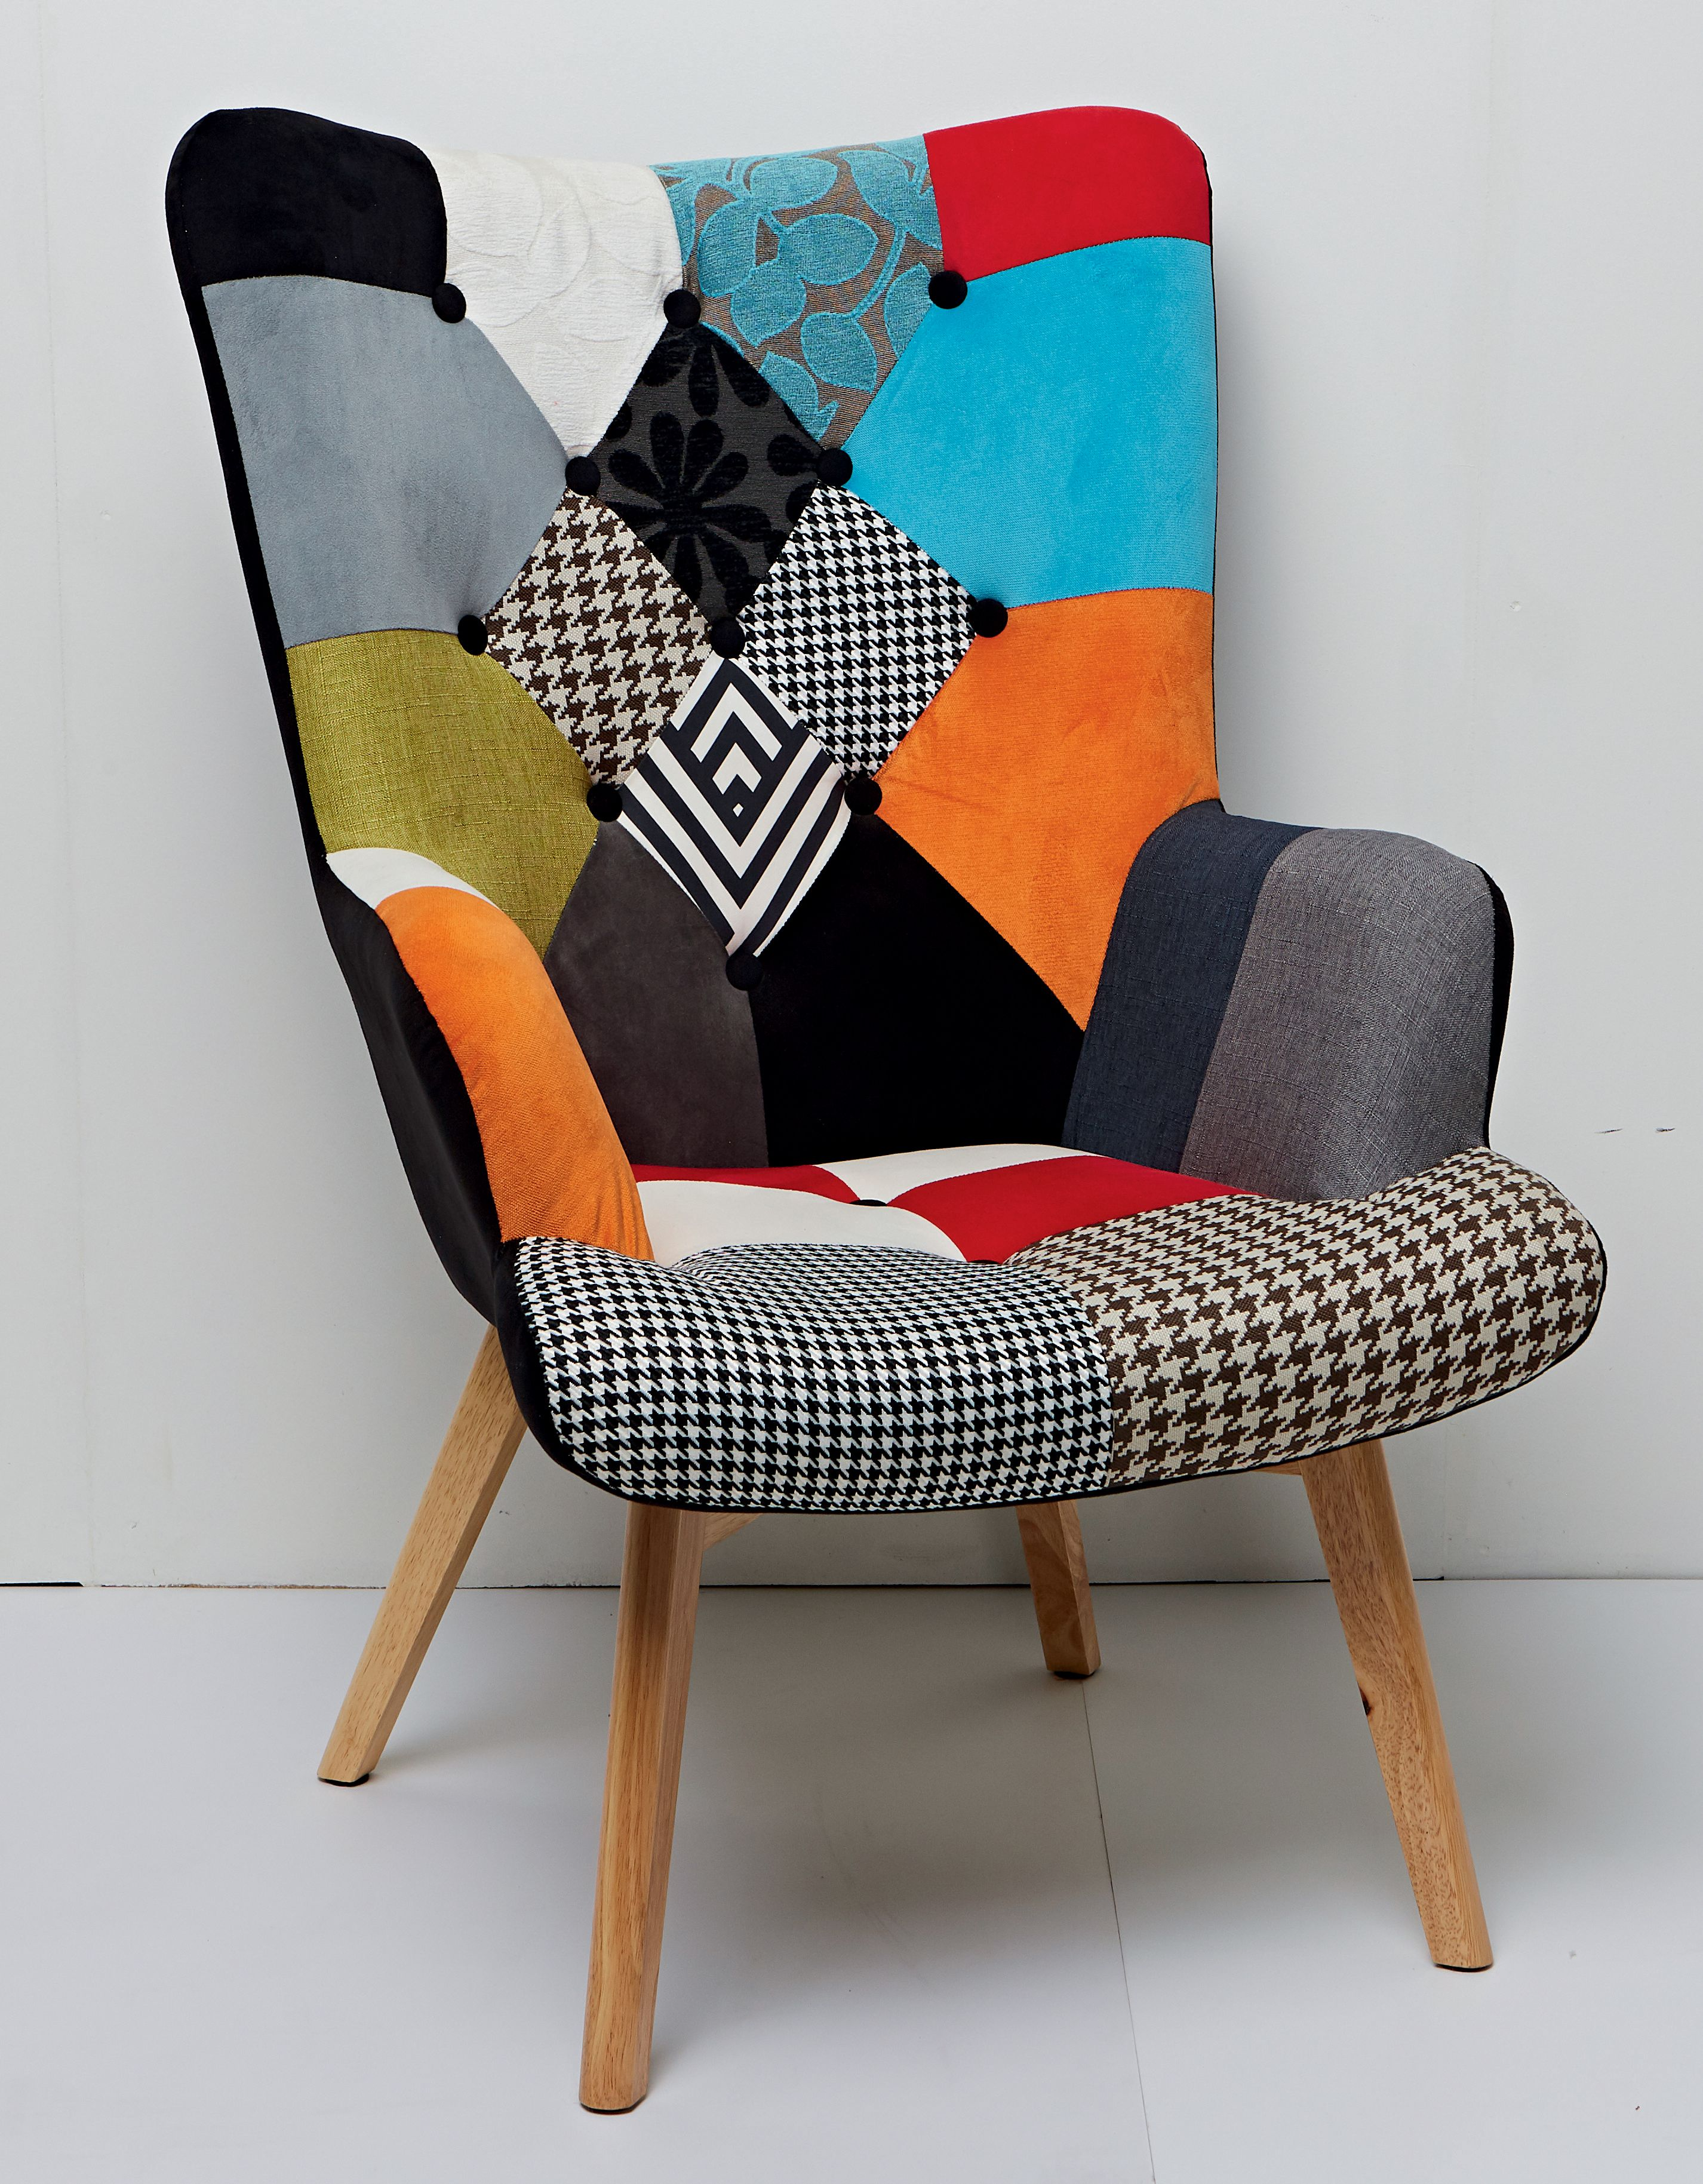 Le fauteuil patchwork  Fauteuil patchwork, Déco maison, Fauteuil